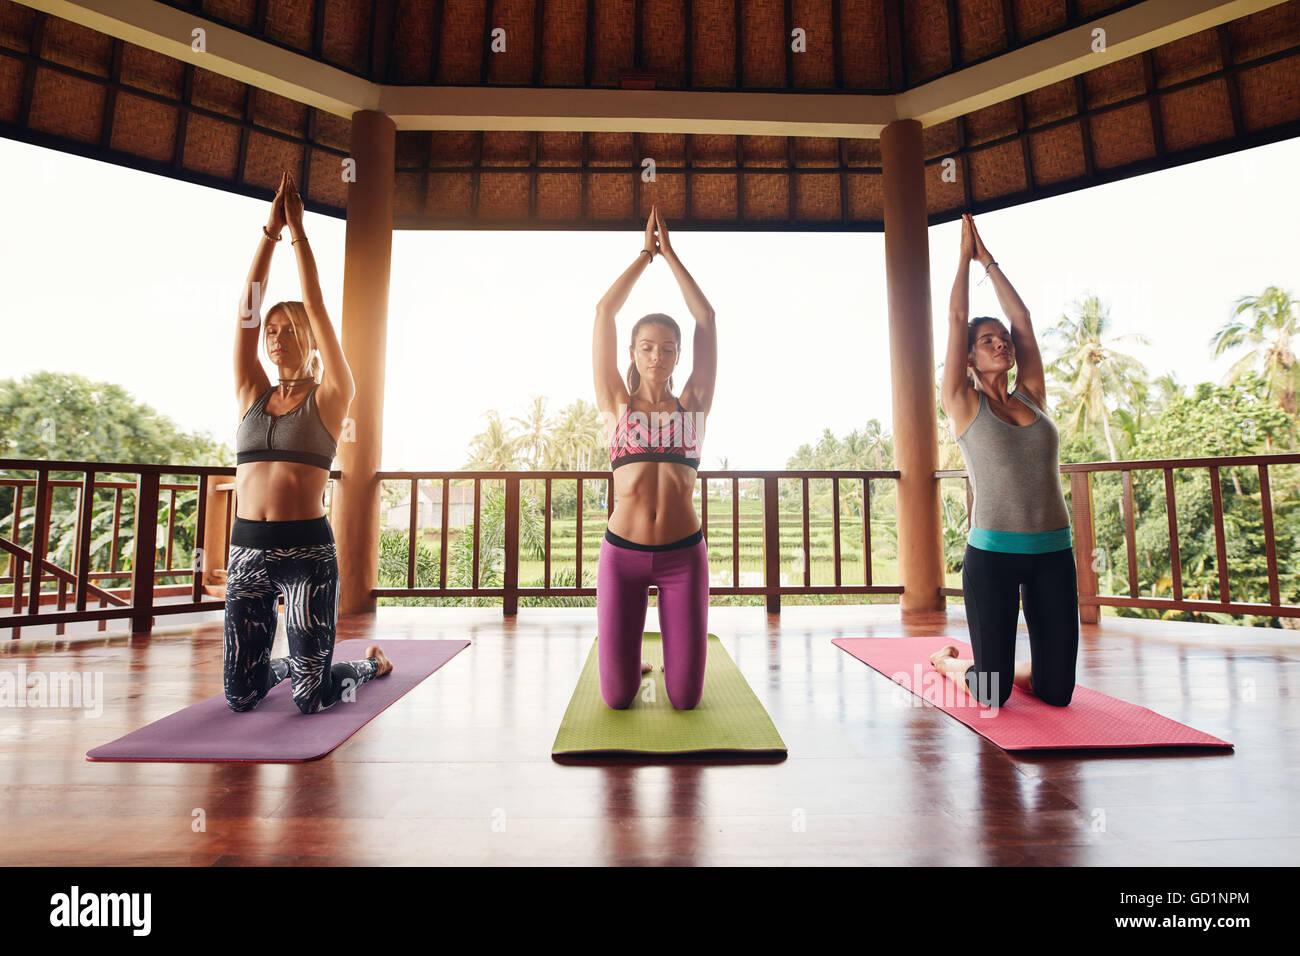 Tourné de trois jeunes femmes faisant du yoga au club de santé. Femme agenouillée sur le tapis d'exercice Photo Stock